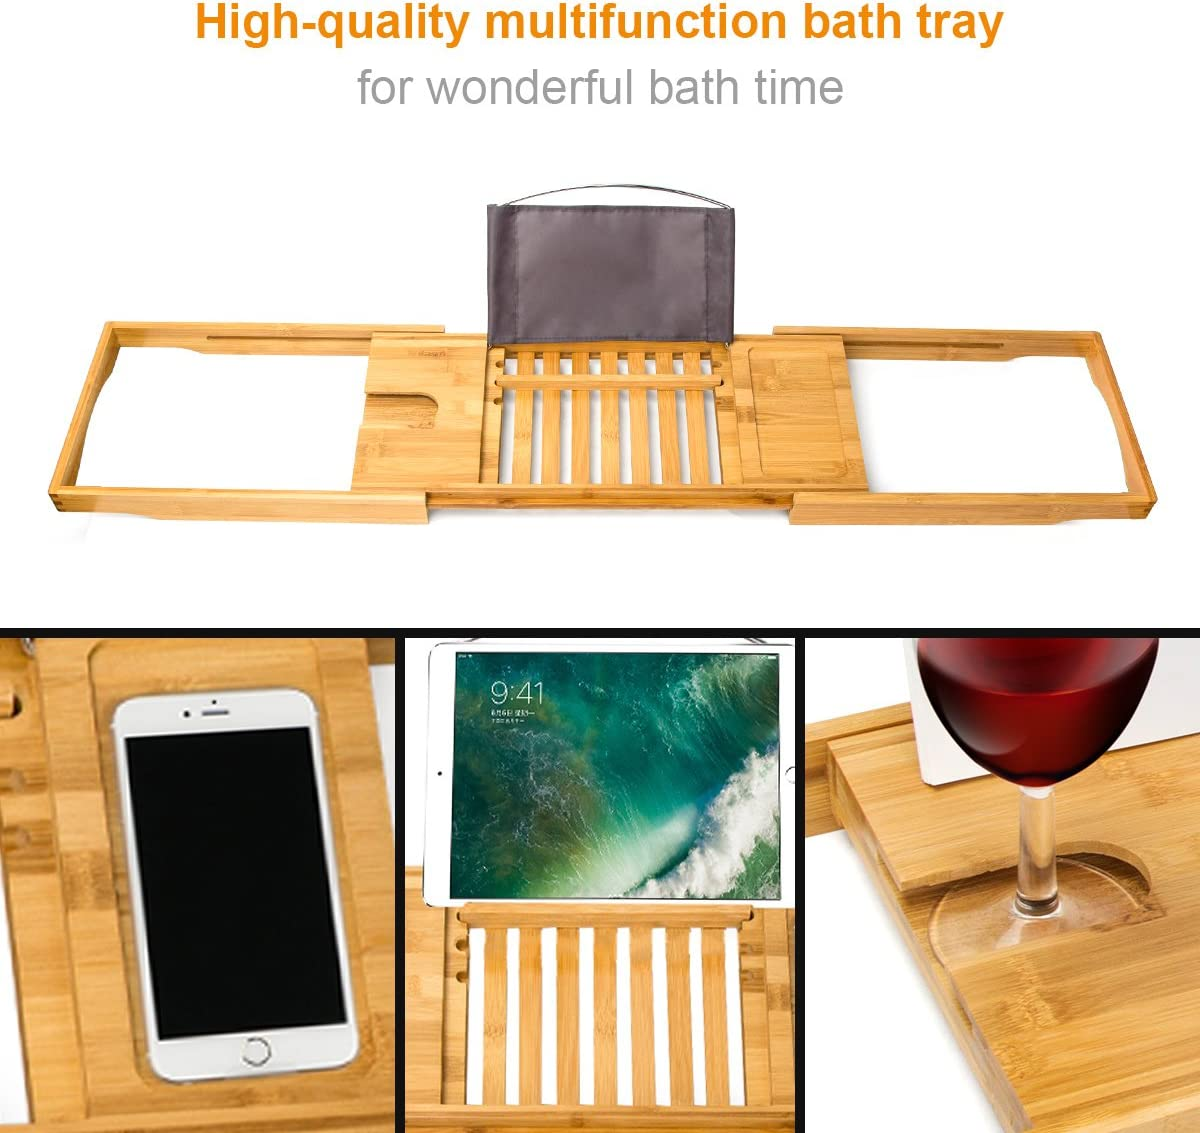 Lunghezza Allungabile da 70 a 104cm Mensola Vasca da Bagno in Bamb/ù Smartphone e Vino Witasm Ripiano Vasca da Bagno Supporto Libri Tablet